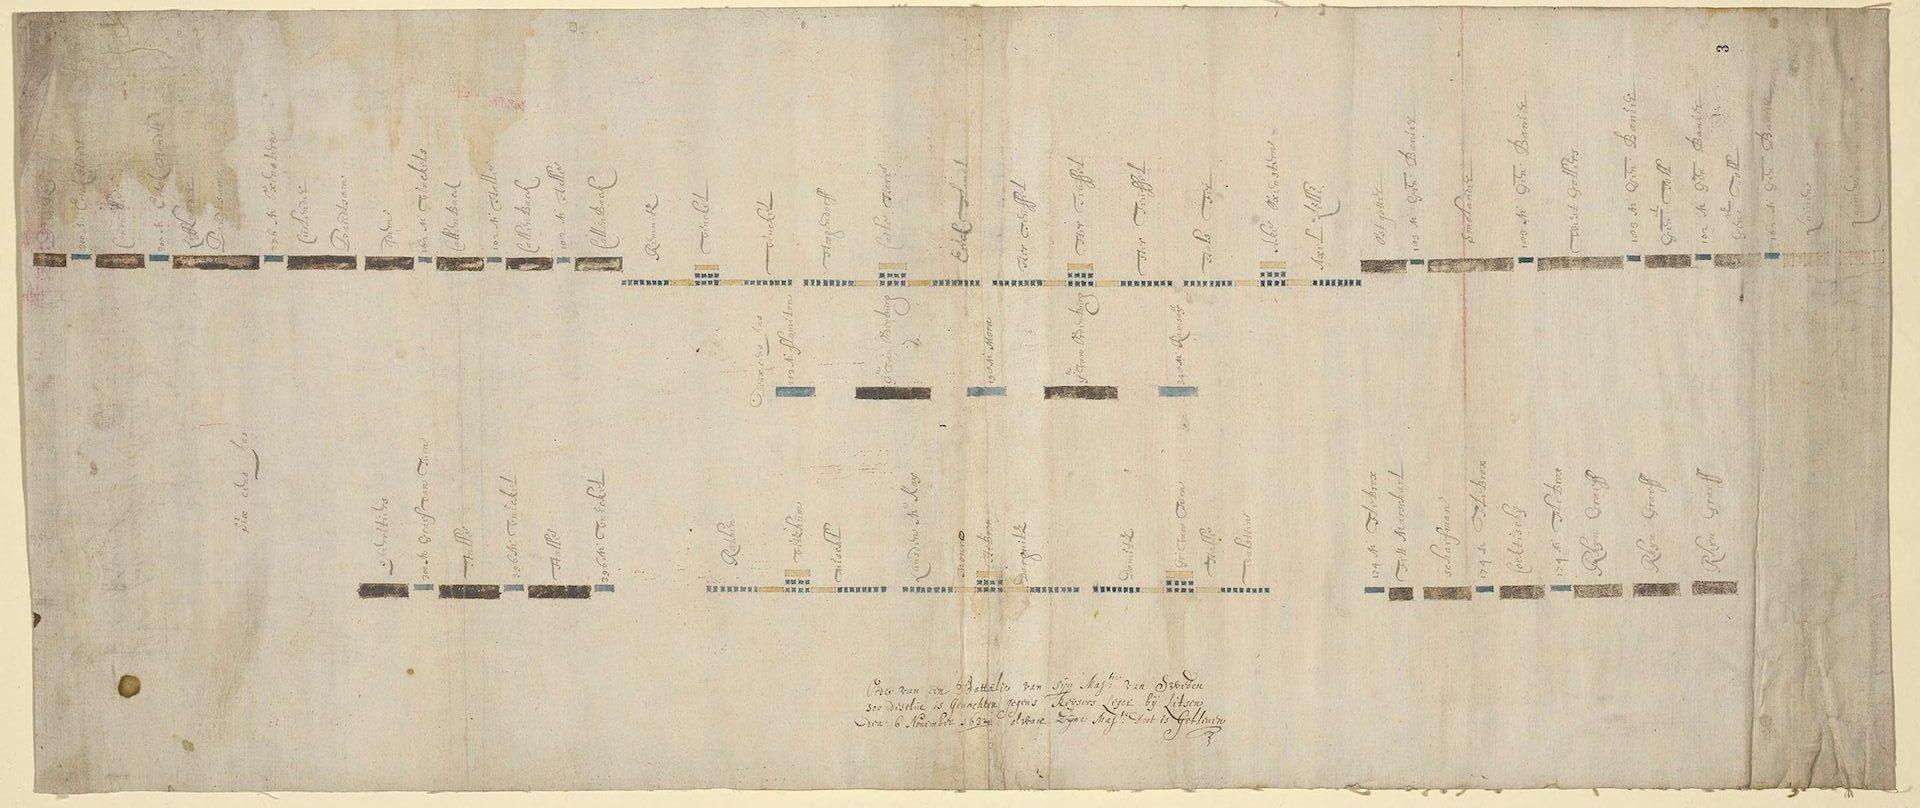 Orden de batalla del ejército del rey de Suecia en la batalla de Lützen el 6 de noviembre de 1632